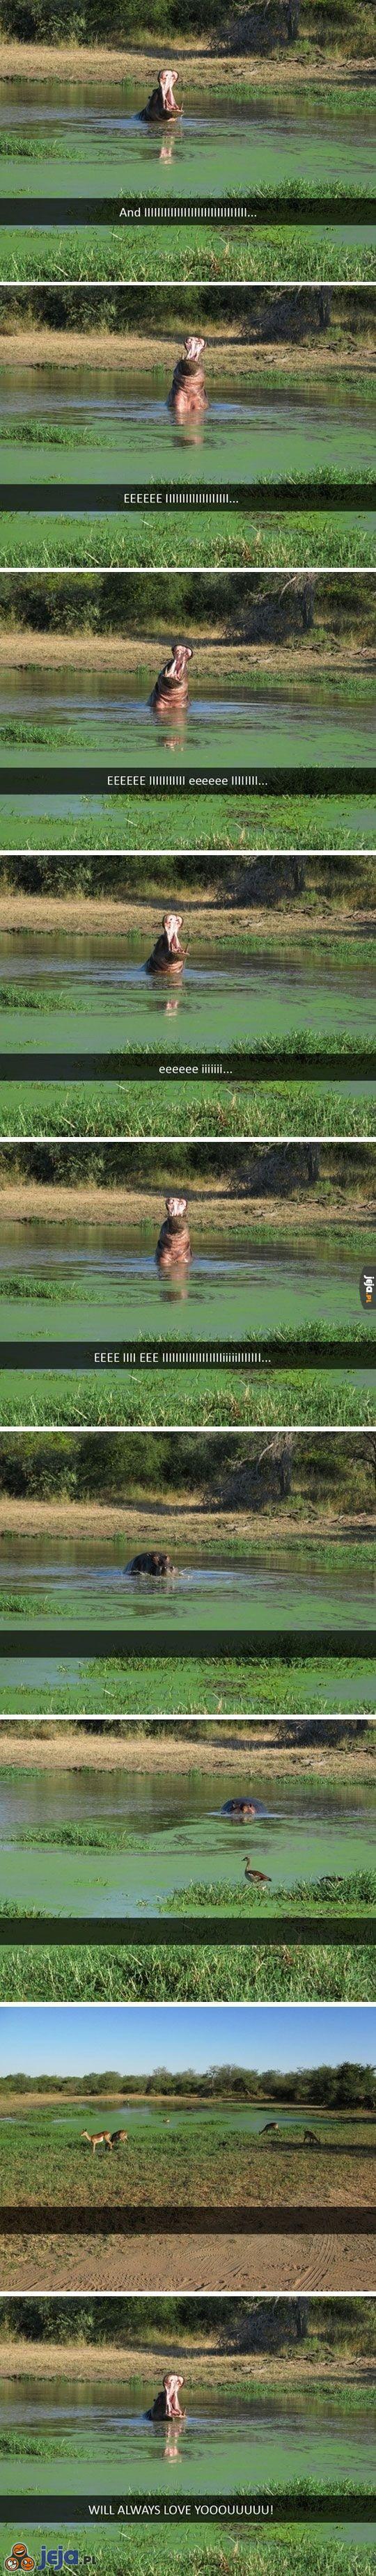 Piosenka hipopotamów